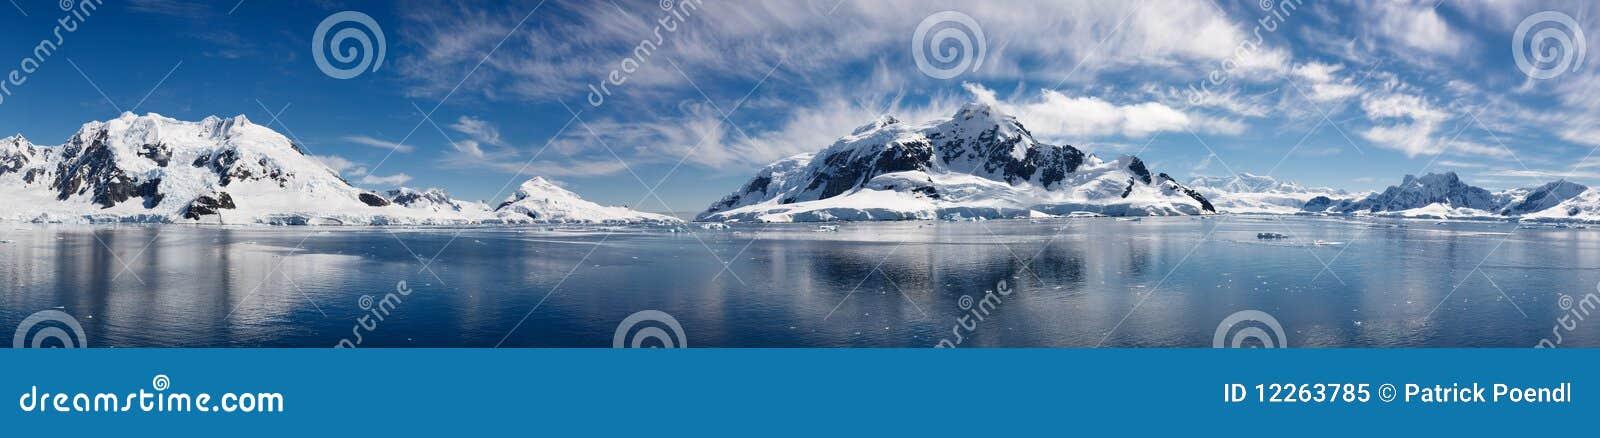 南极洲海湾冰冷的庄严天堂妙境